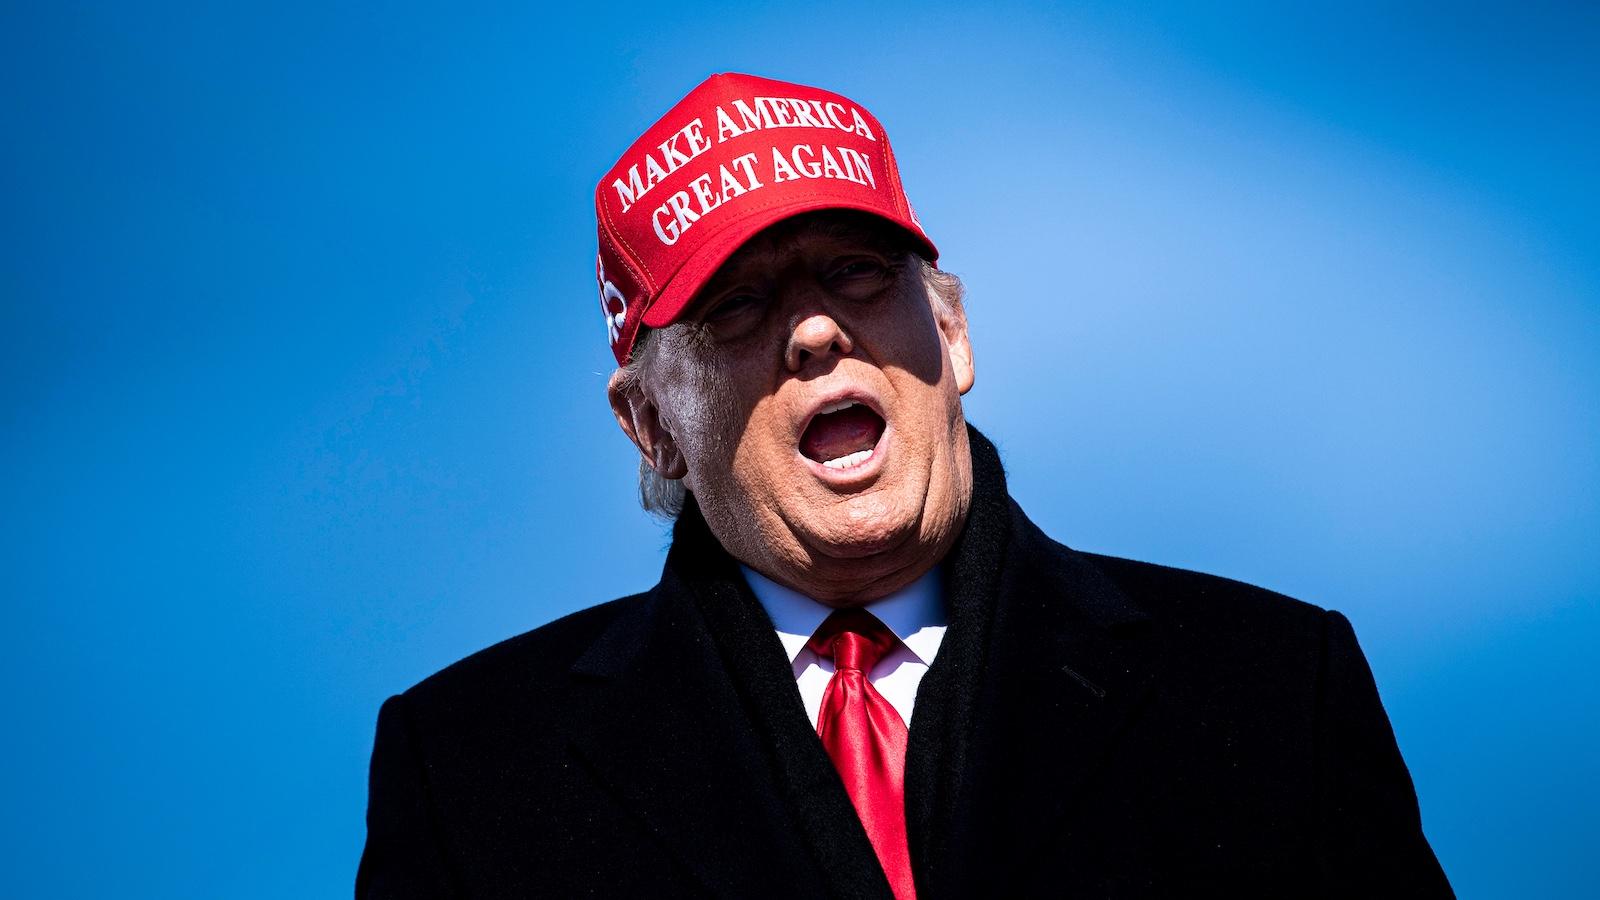 Trump négy éve: a hisztérikus elnök, aki legalább próbálta betartani az ígéreteit